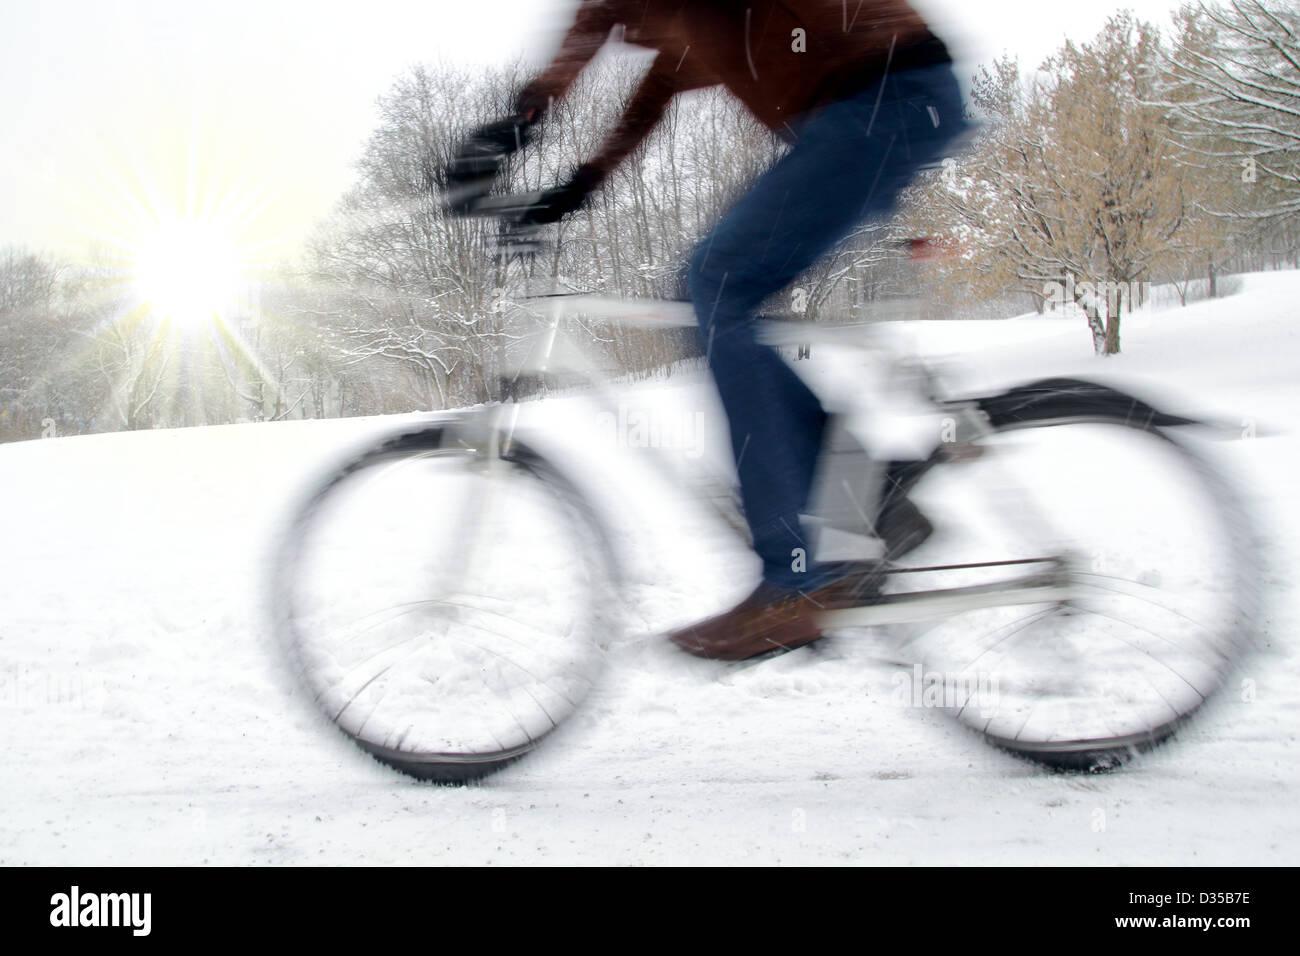 Cycliste dynamique avec le flou et nice winter sun Photo Stock